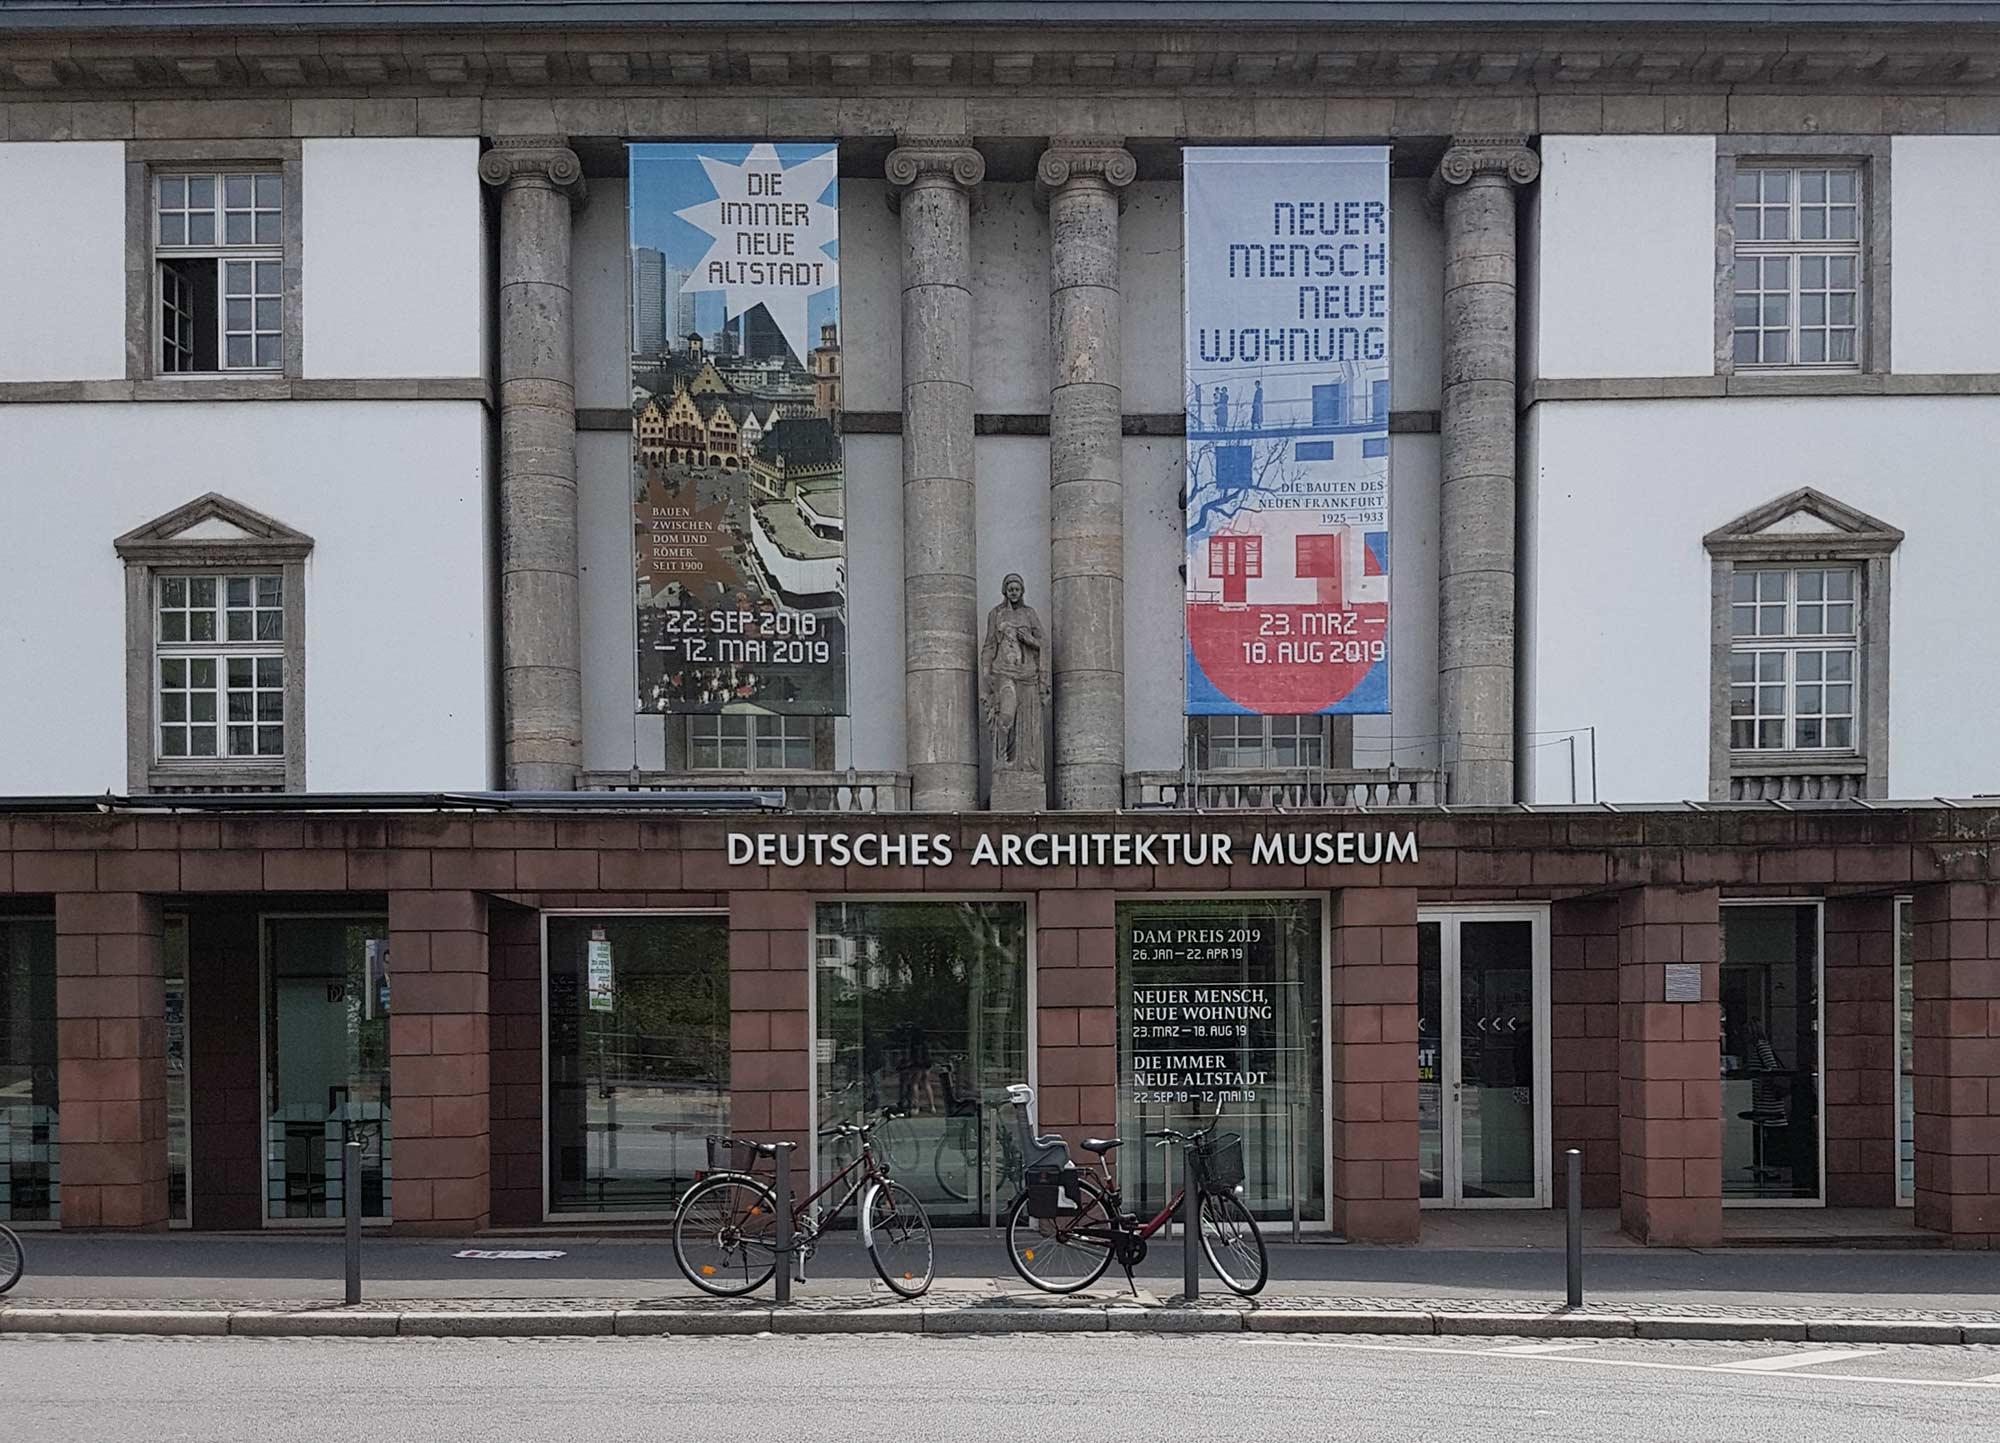 DAM Frankfurt - Deutsches Architekturmuseum - Museum für Architektur - Oswald Mathias Ungers - Museum am Museumsufer Frankfurt